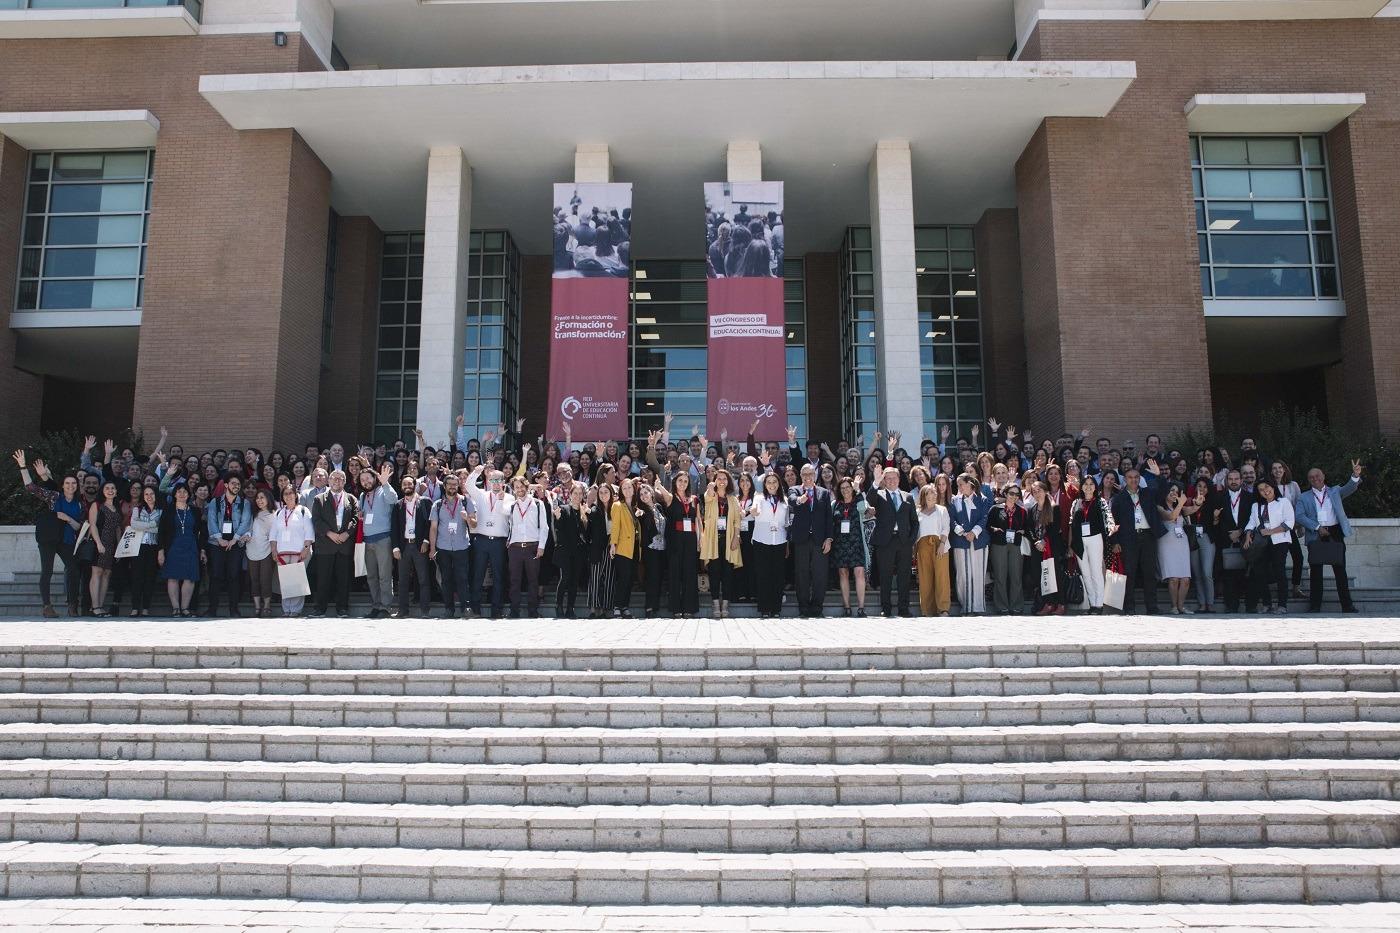 VII Congreso de Educación Continua aborda el futuro del desarrollo profesional en Chile y qué desafíos impone el estallido social